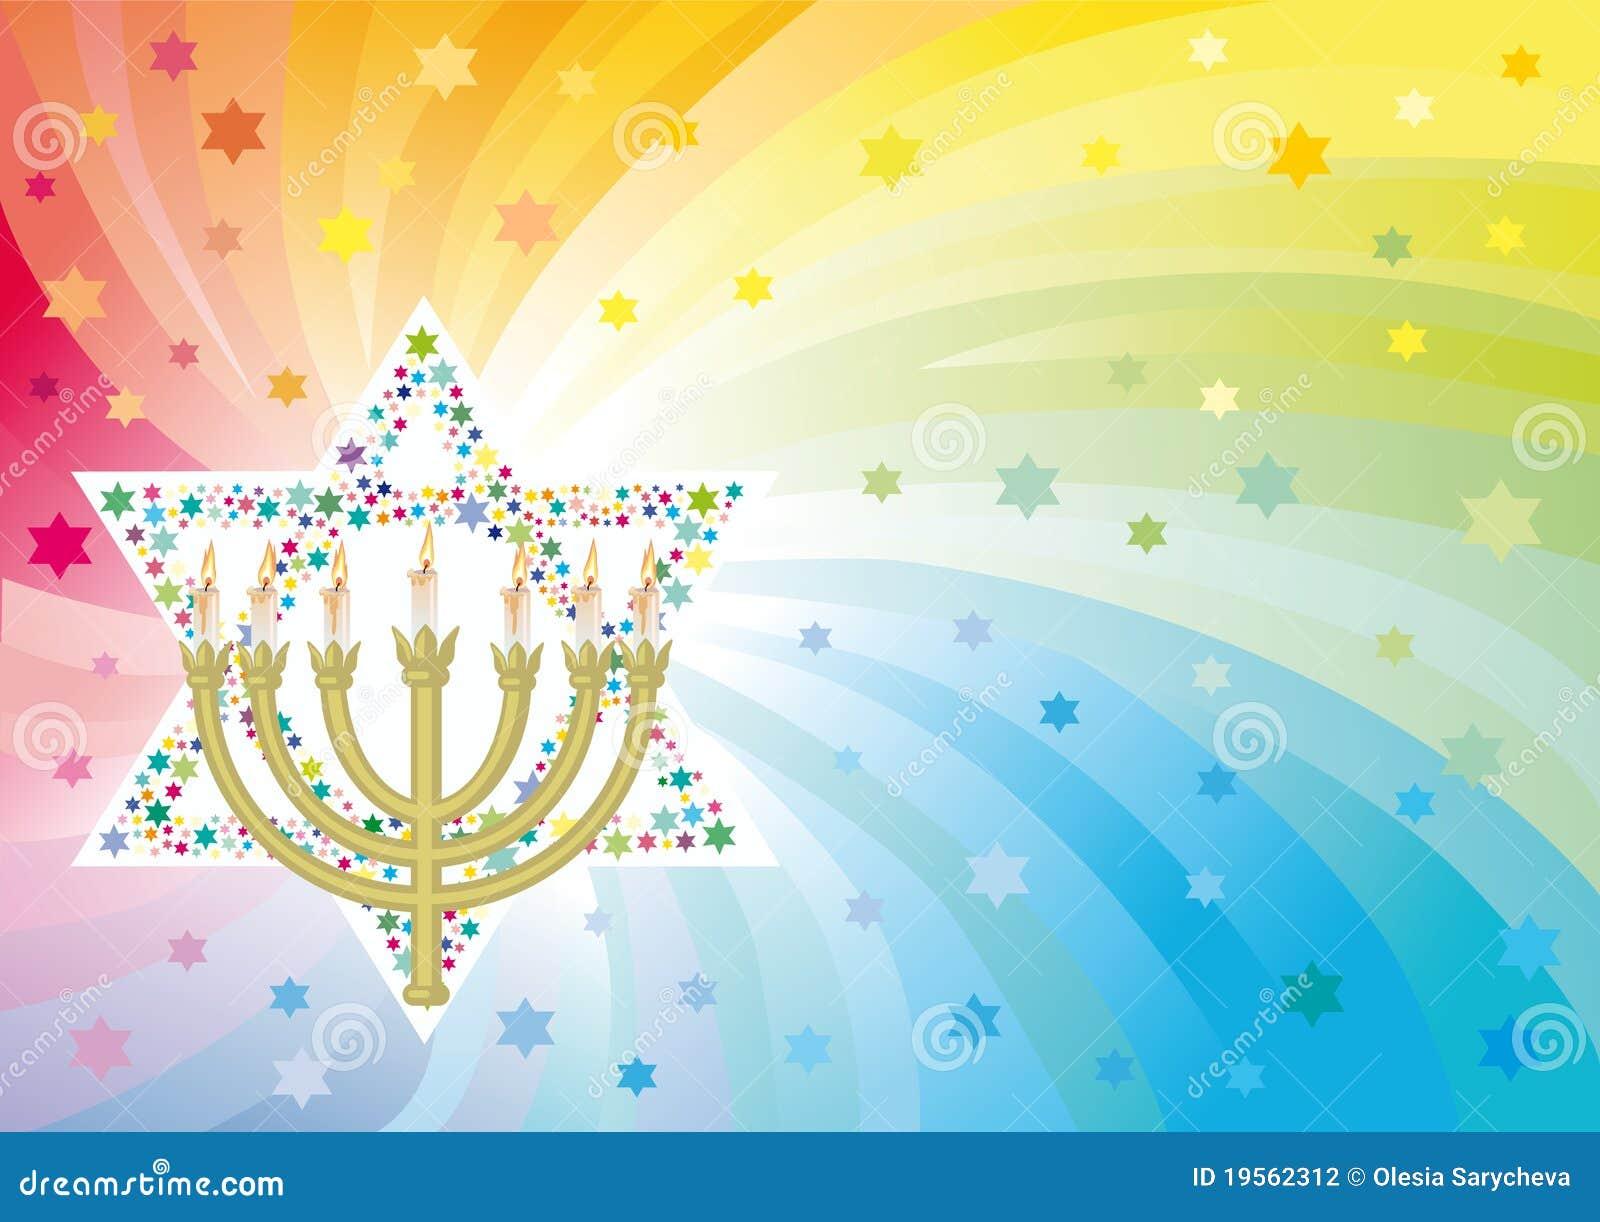 Fondo De Pantalla Abstracto Barras De Colores: Fondo Alegre Al Día De Fiesta Judío Fotografía De